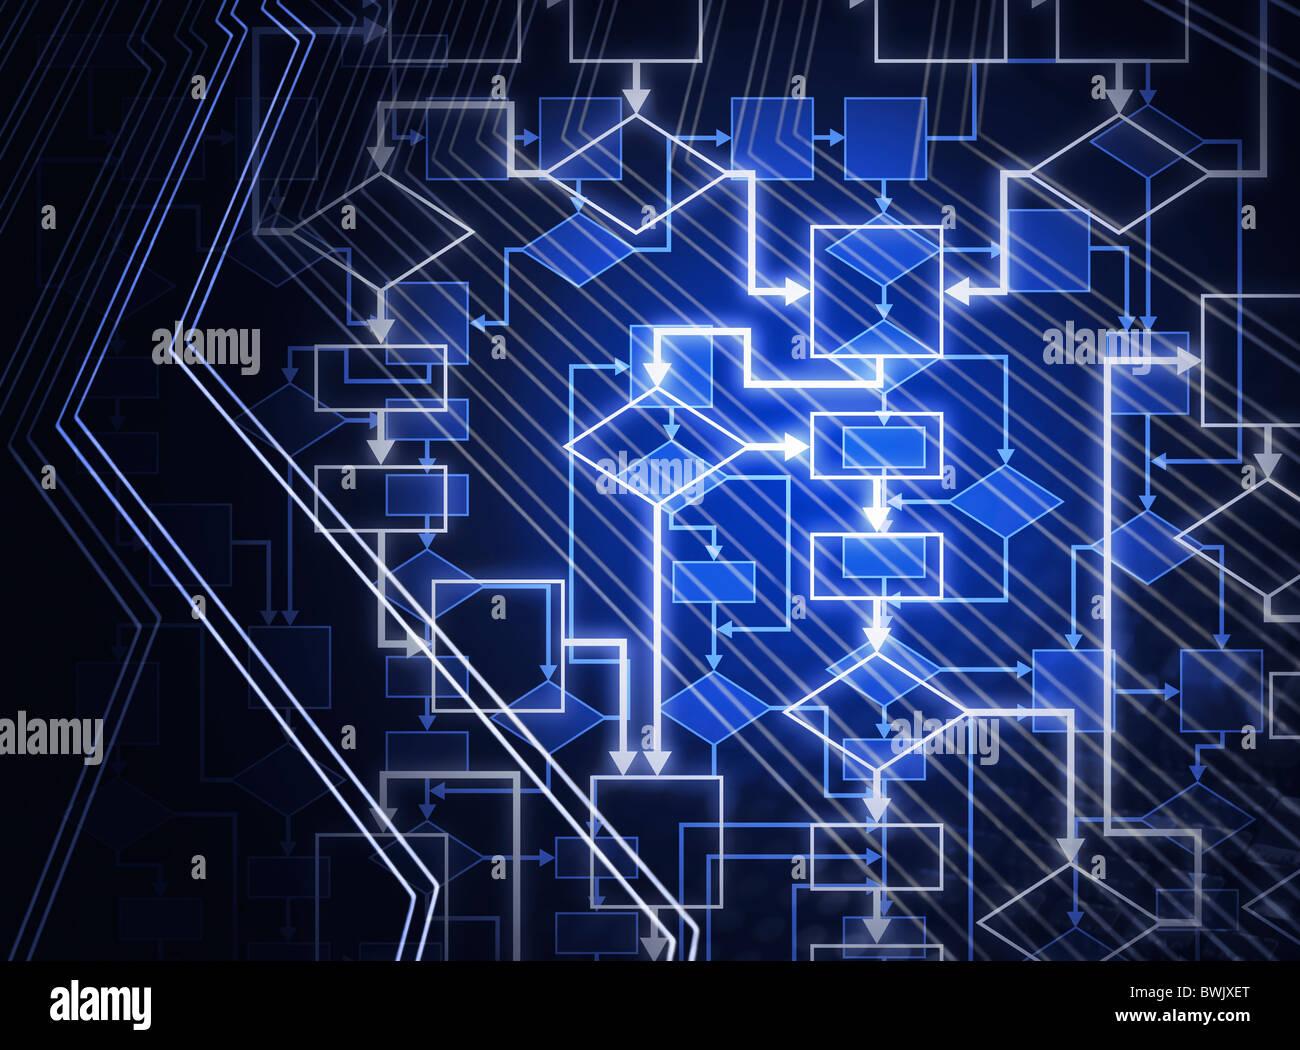 Diagrama de flujo digital abstracto fondo azul. Algoritmo de software informático Ilustración conceptual. Imagen De Stock